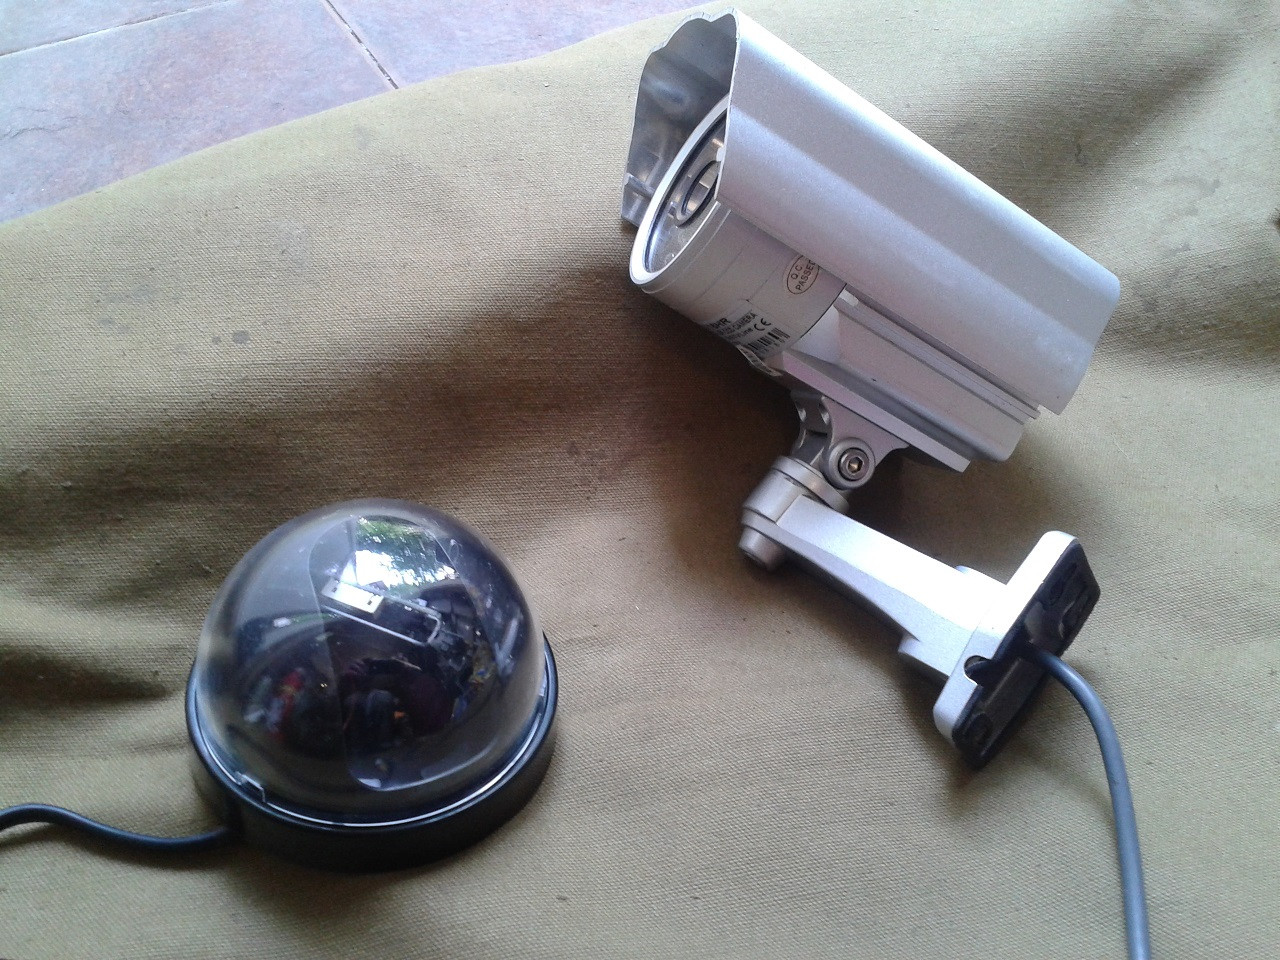 ВКитае домашние веб-камеры стали доступны любопытным жителям